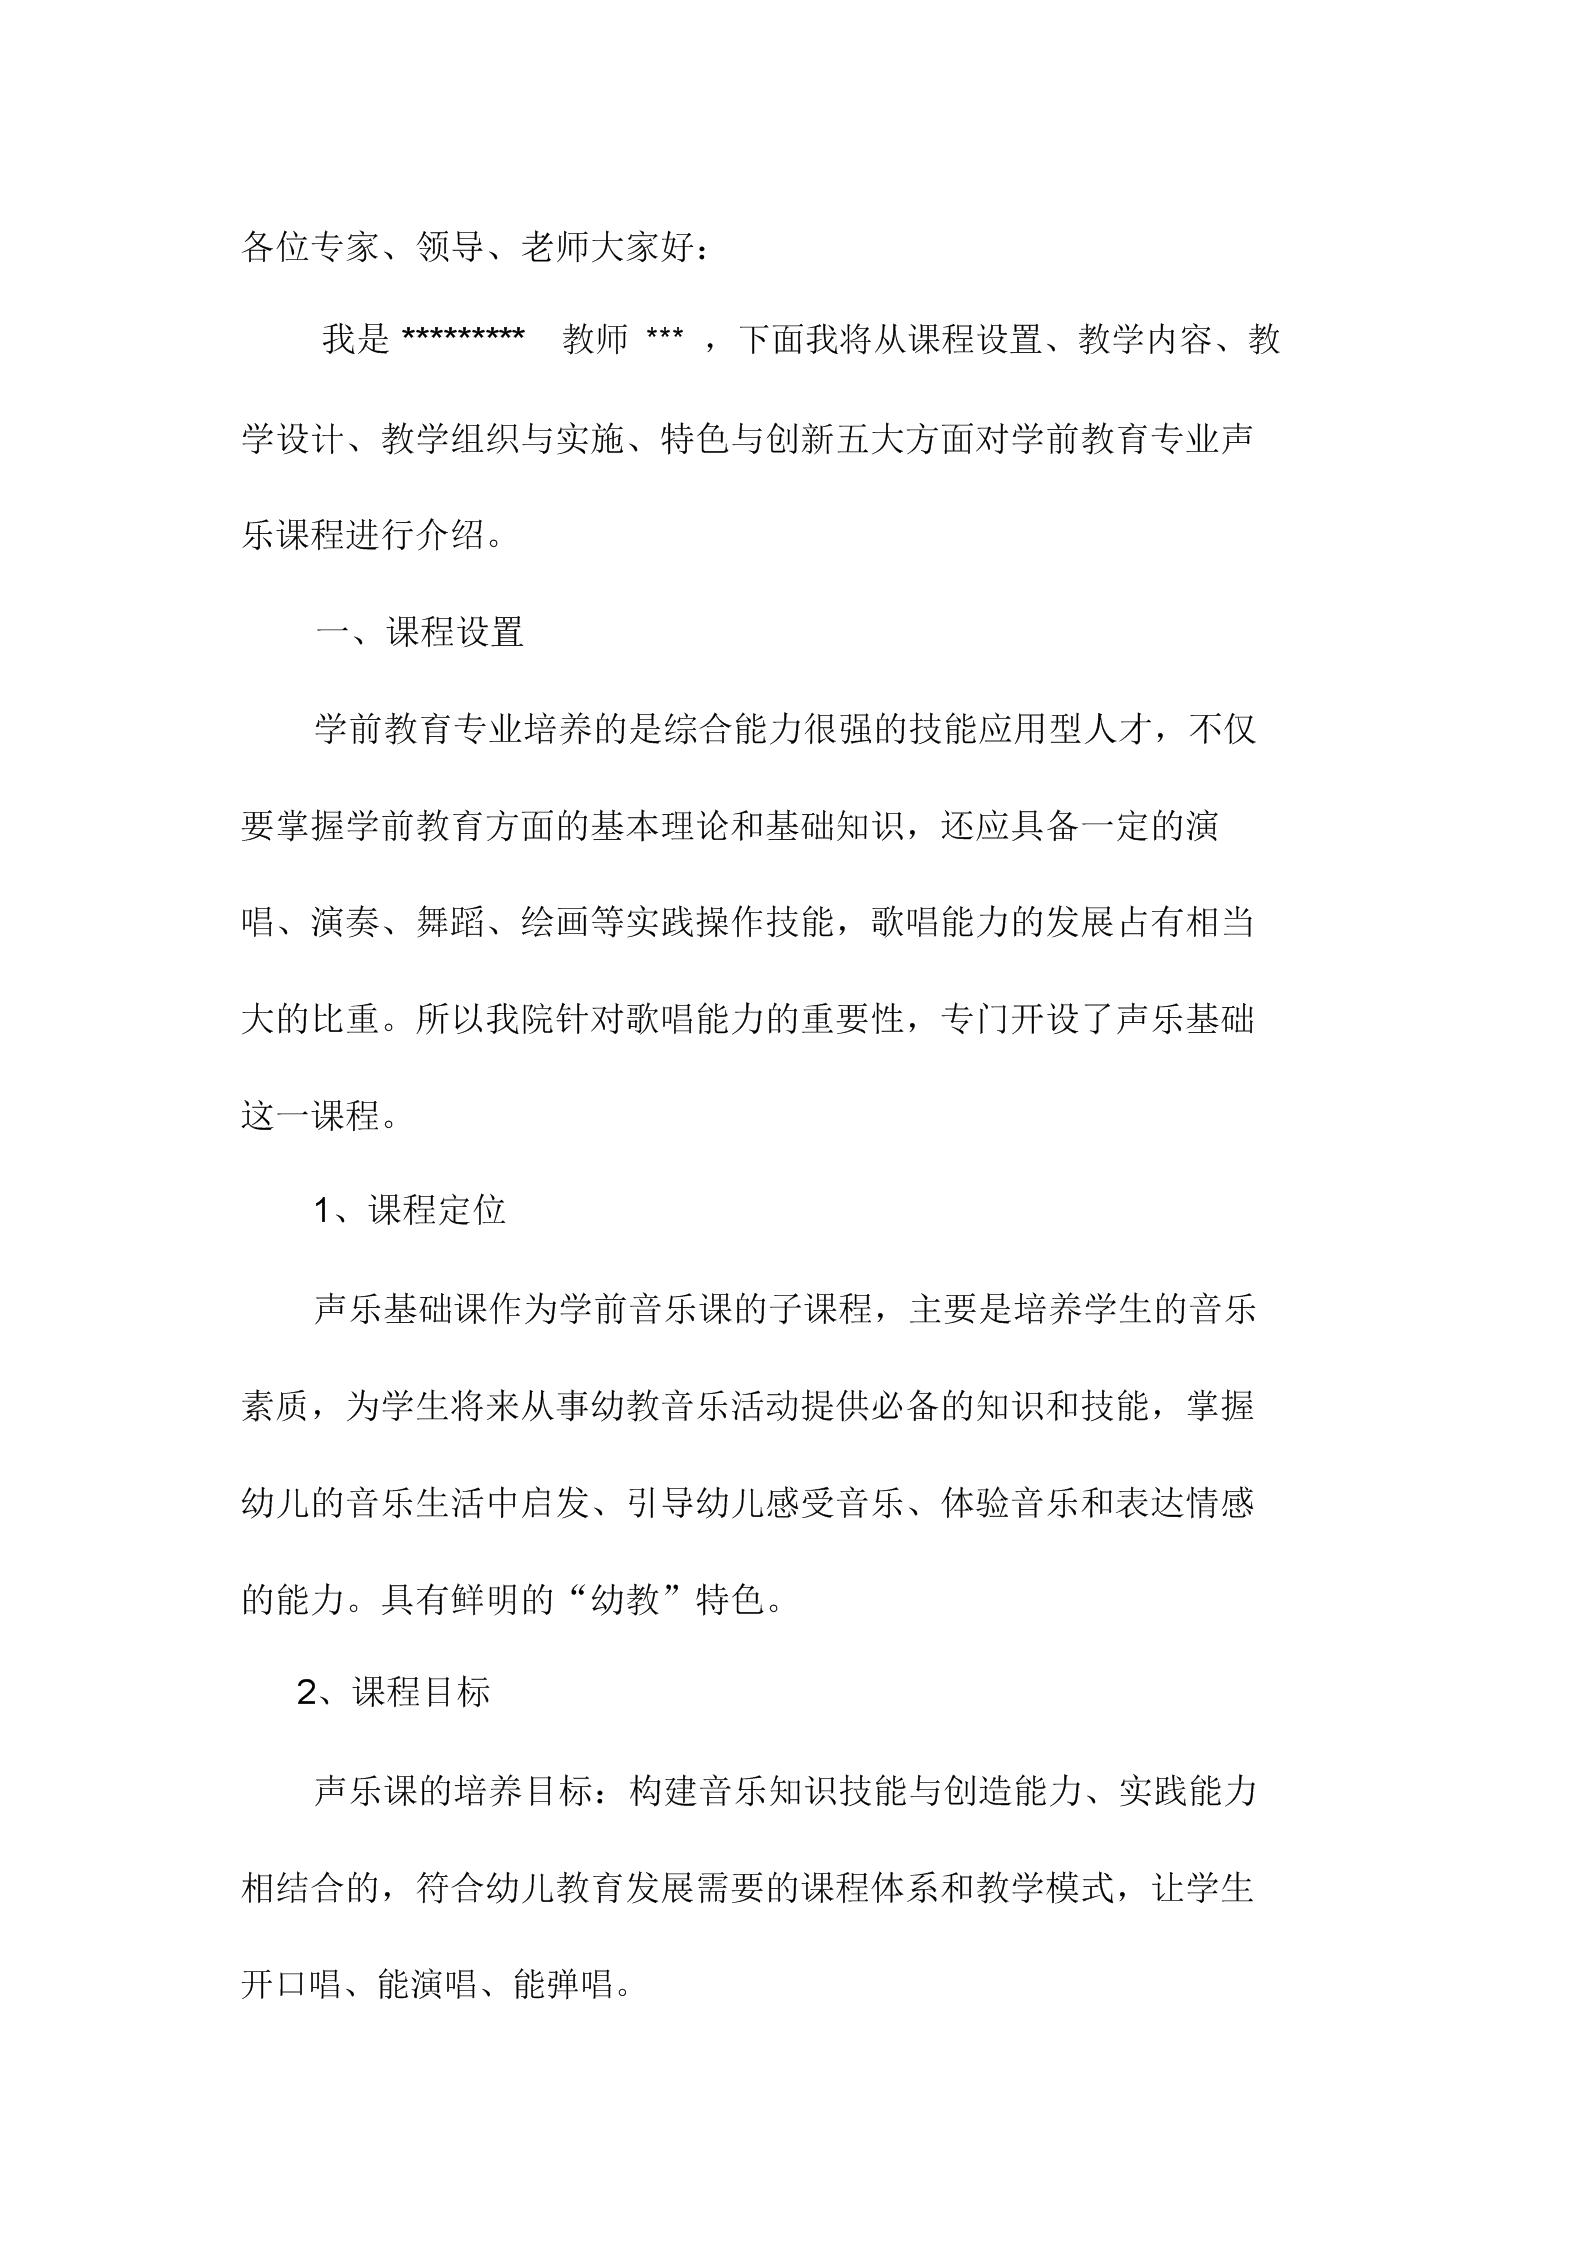 声乐说课精选文稿.docx